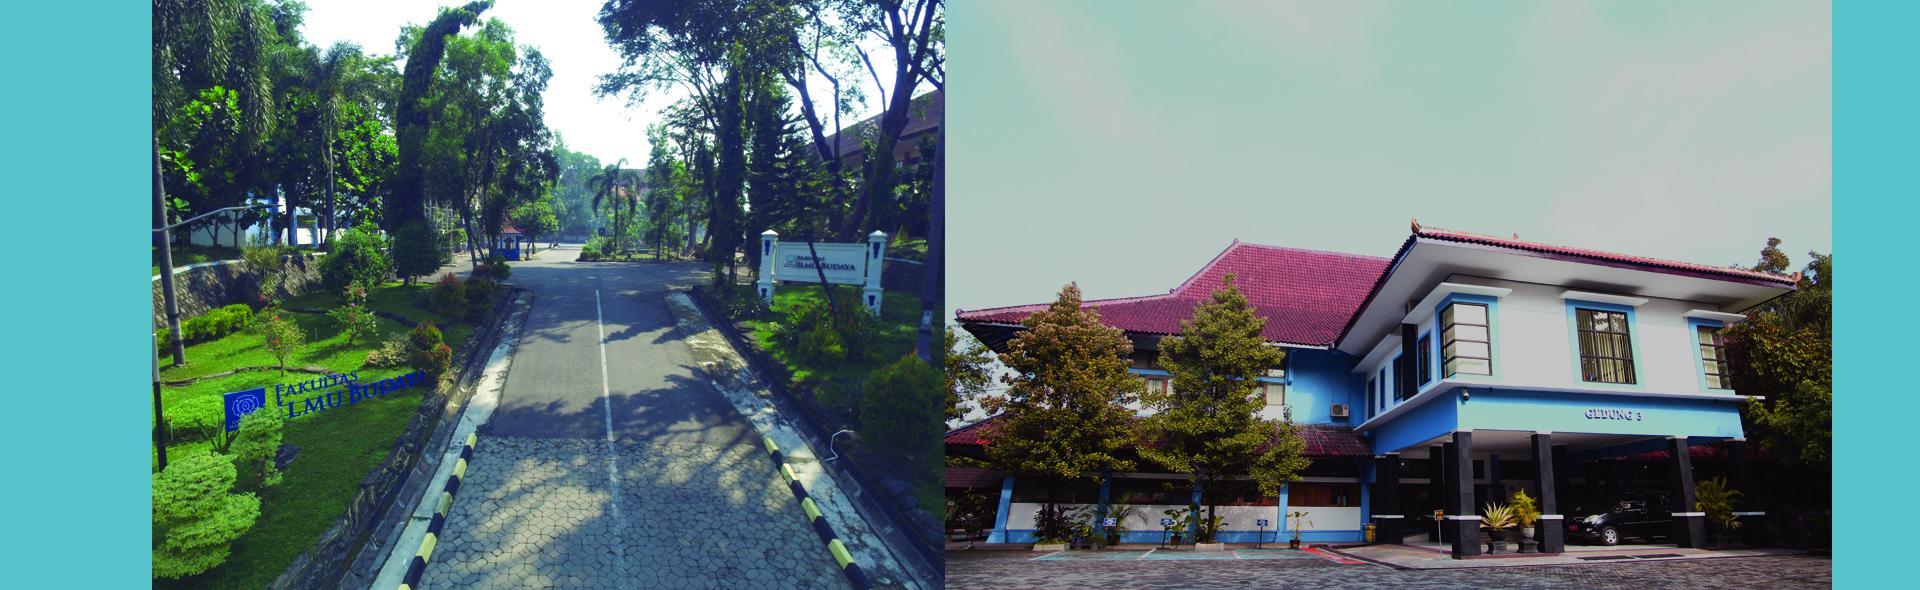 Fakultas Ilmu Budaya